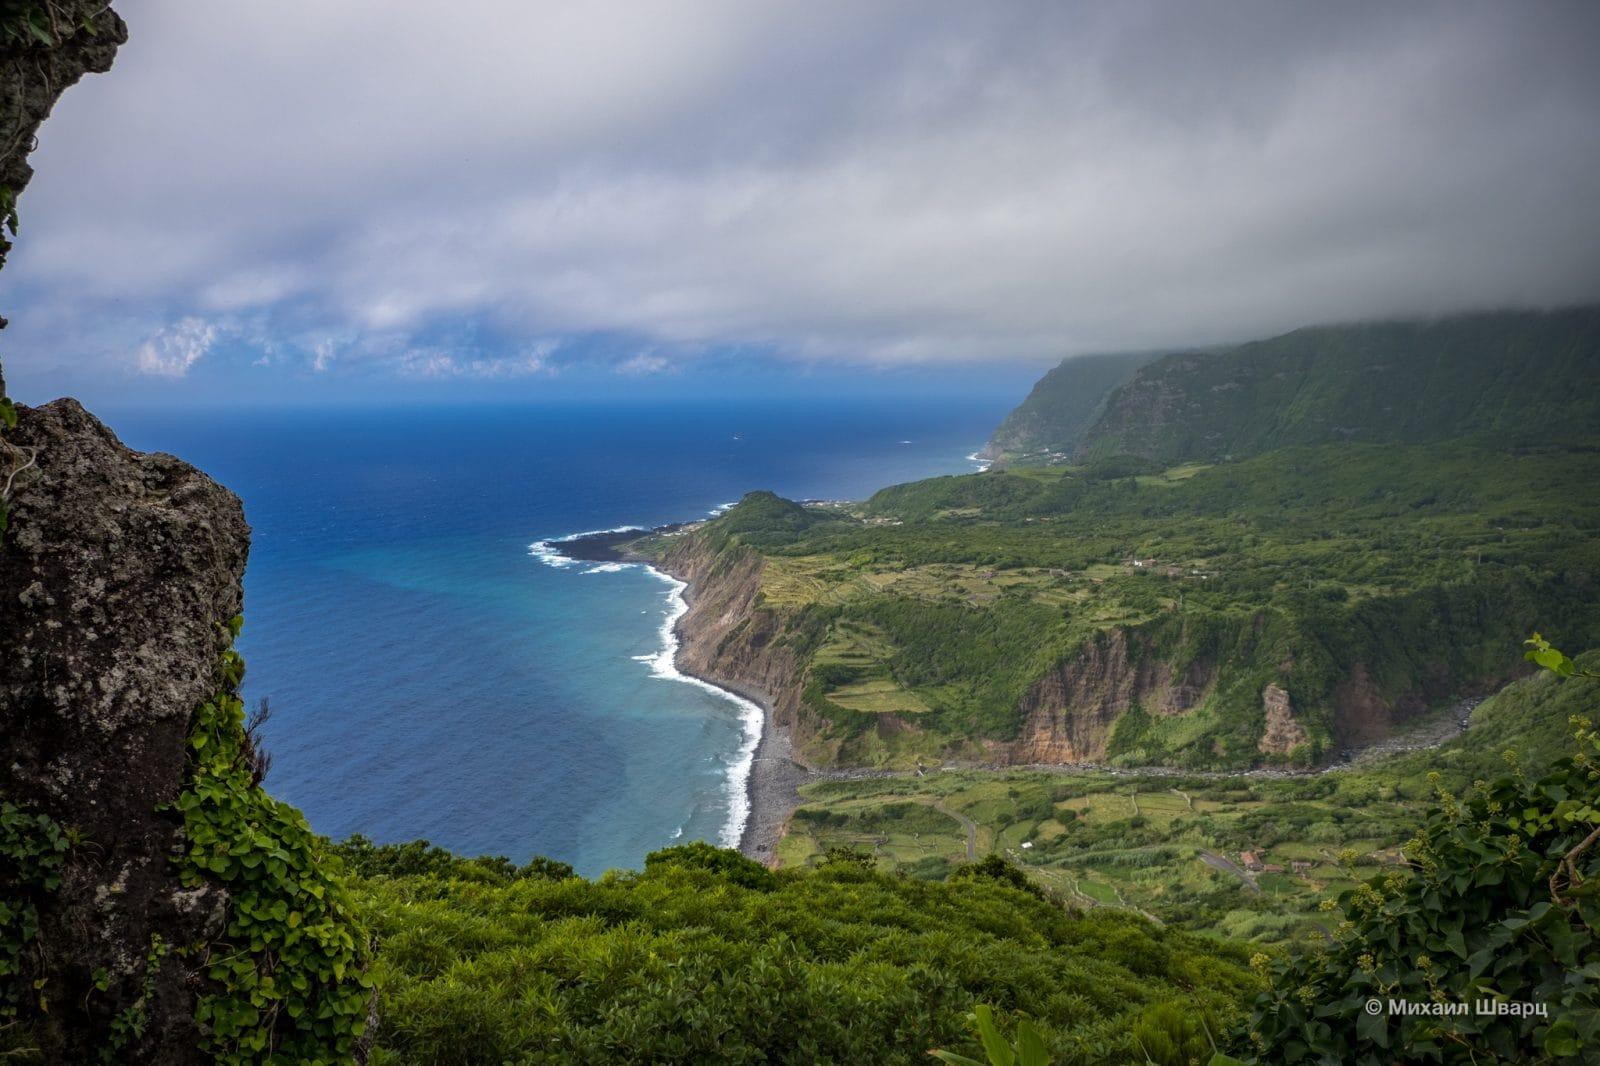 Потрясающий вид на океан и горы